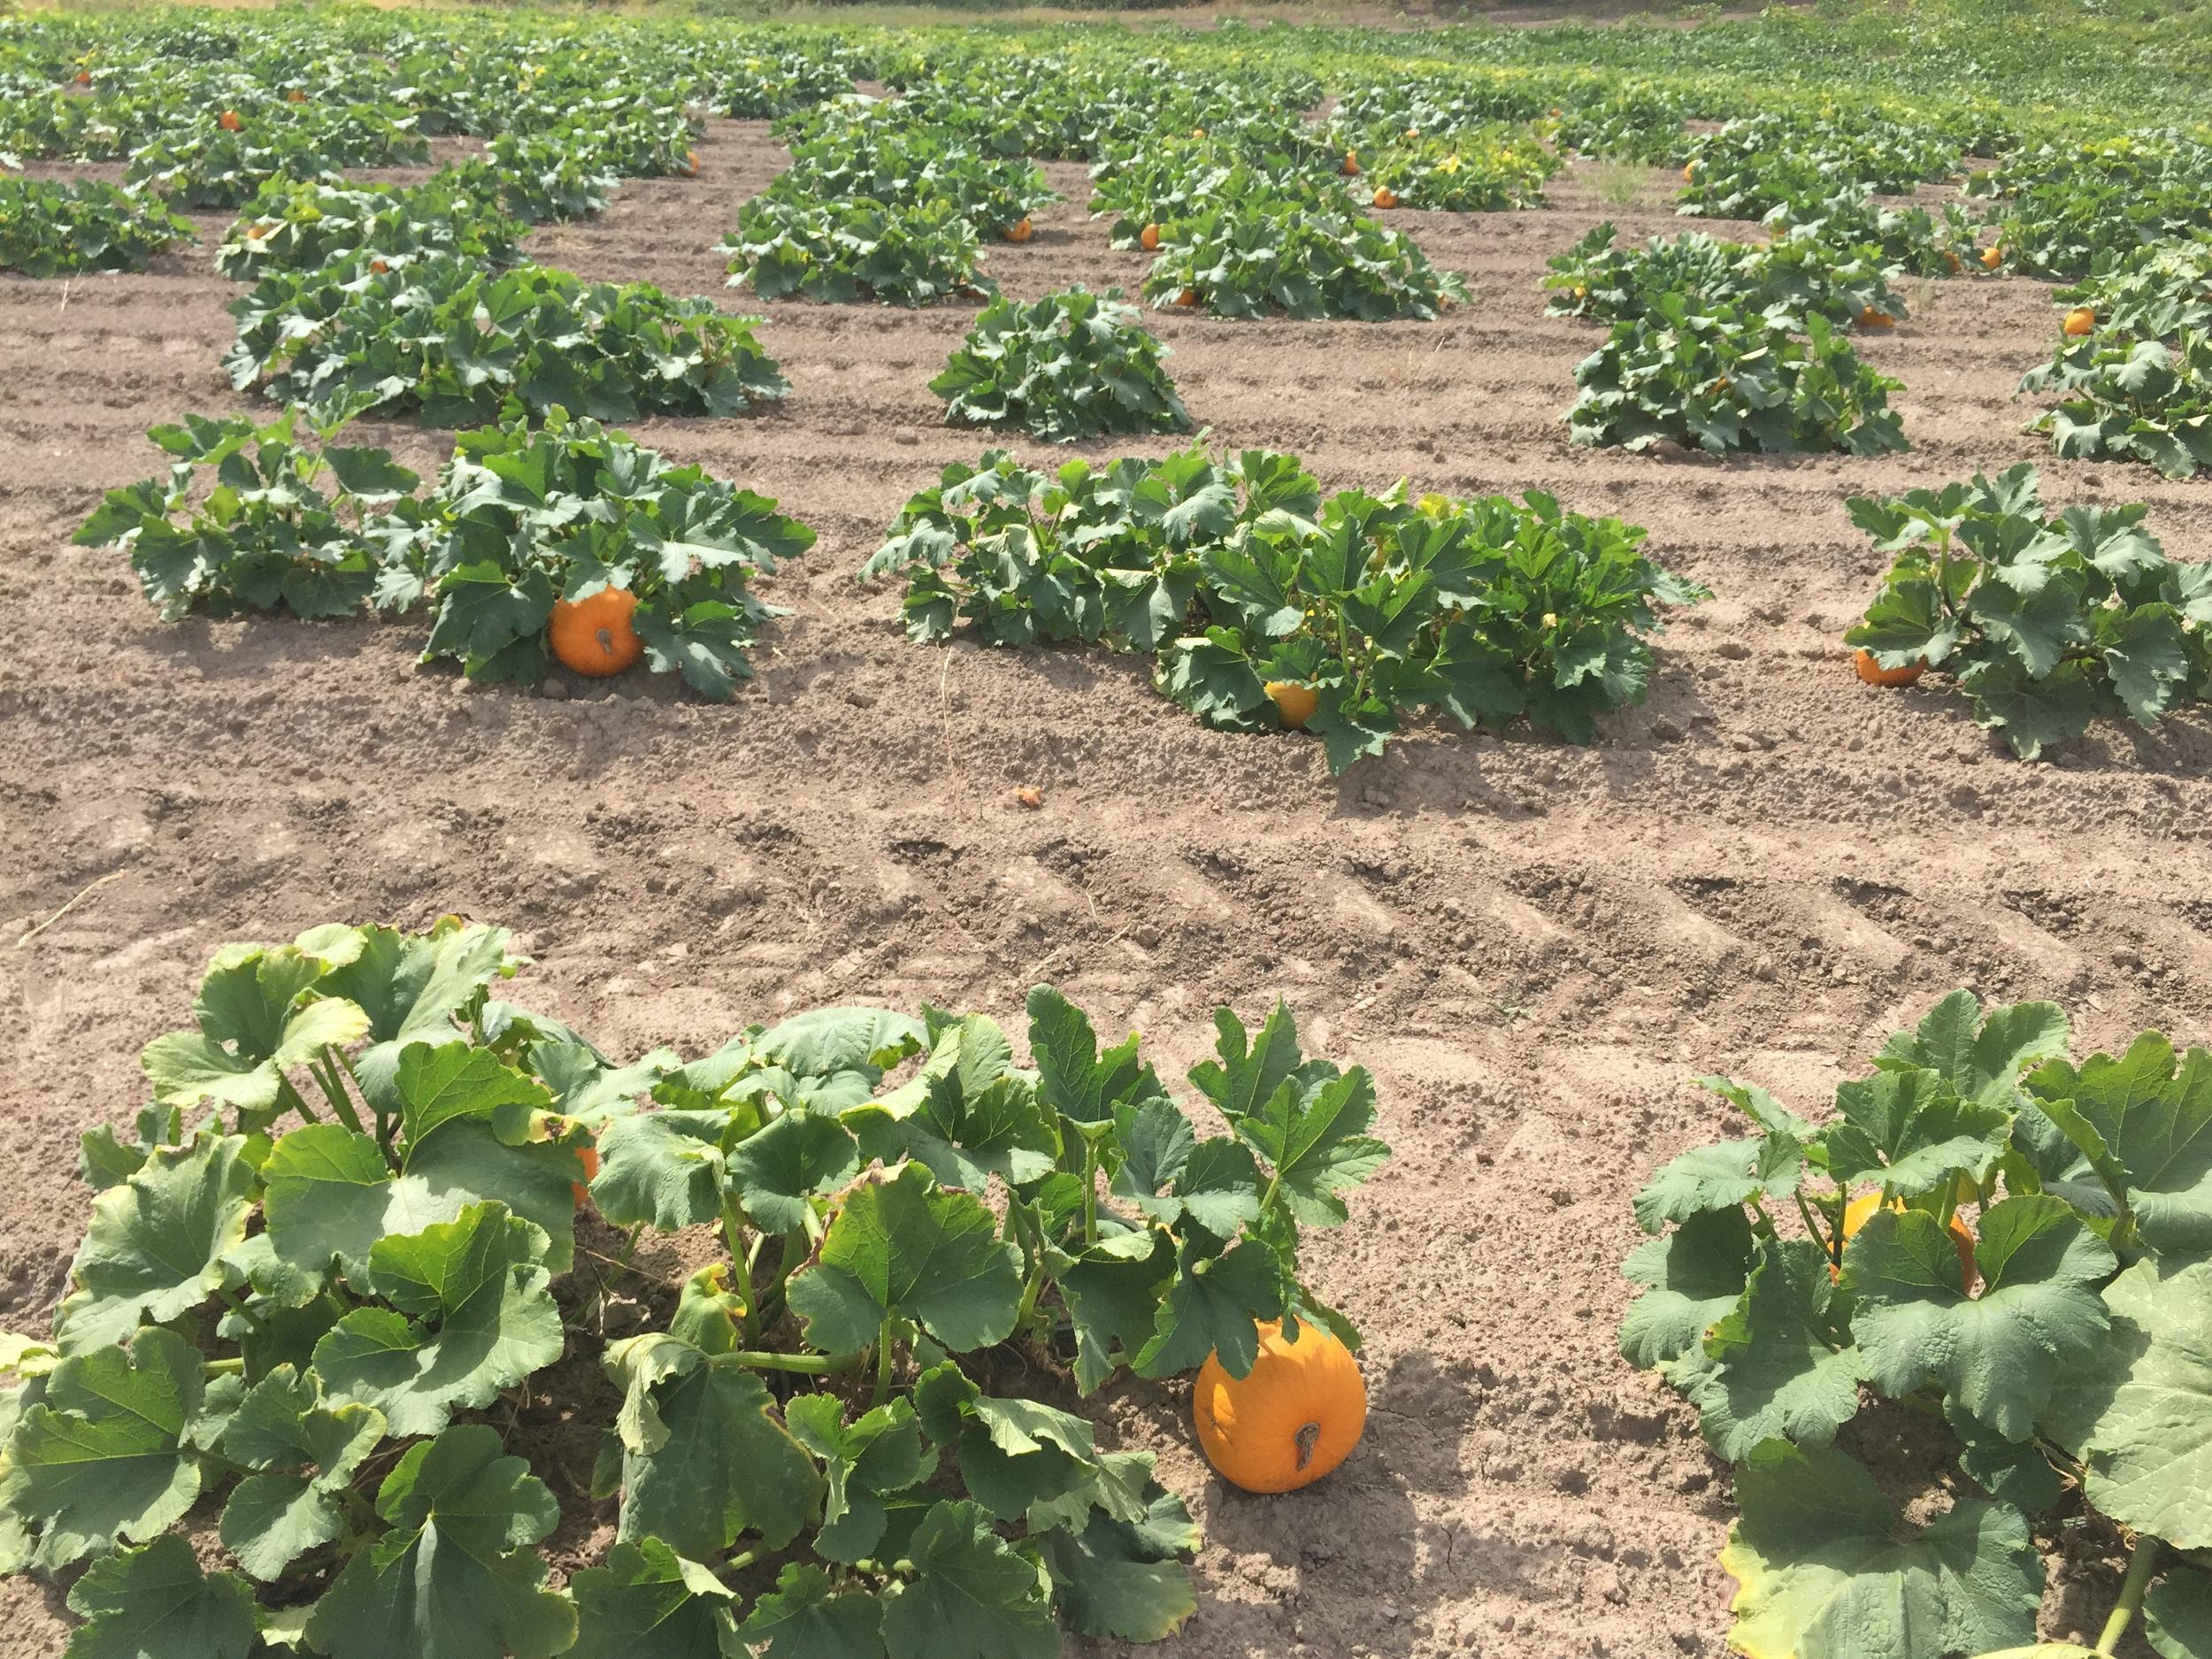 HOT-SKWASH-STEMS-FARM-ORANGE-IMG_9183.JPG